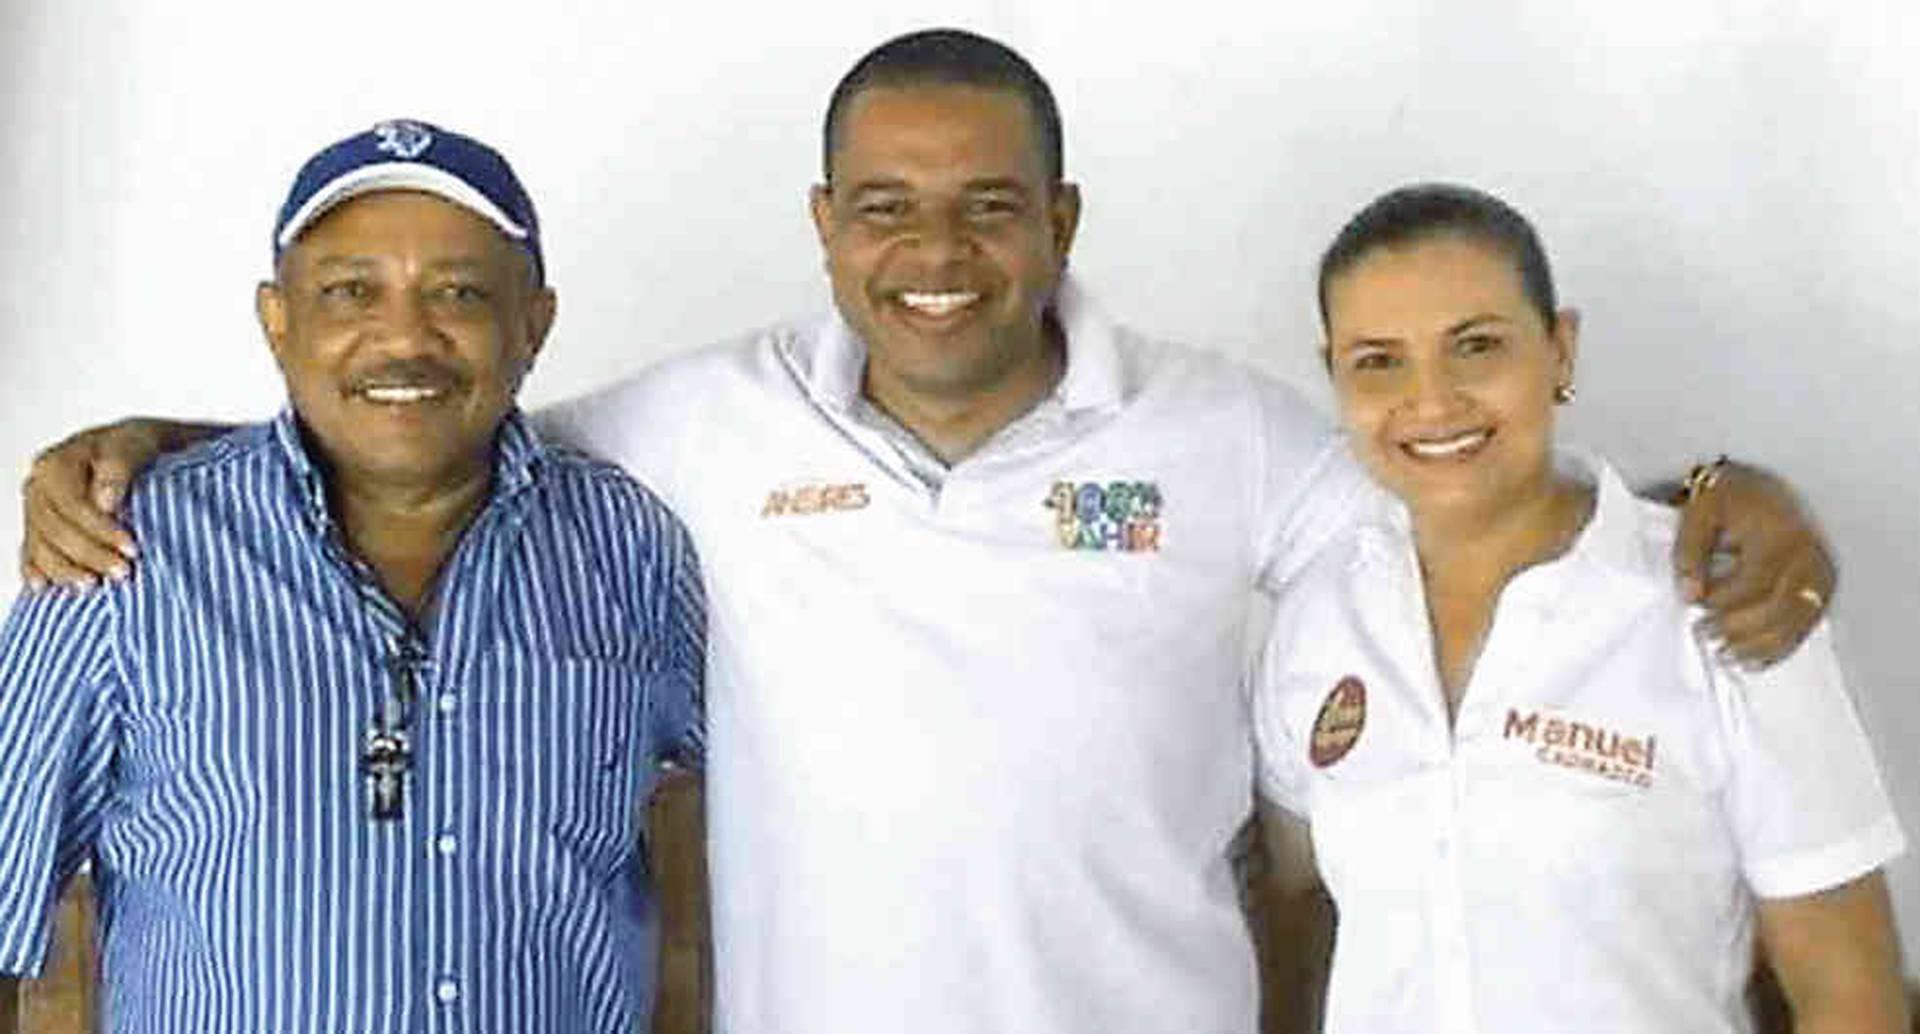 Los capturados Manuel Cadrazco y su esposa Milagro Martelo junto a Yahir Acuña (centro), candidato a la gobernación de Sucre.